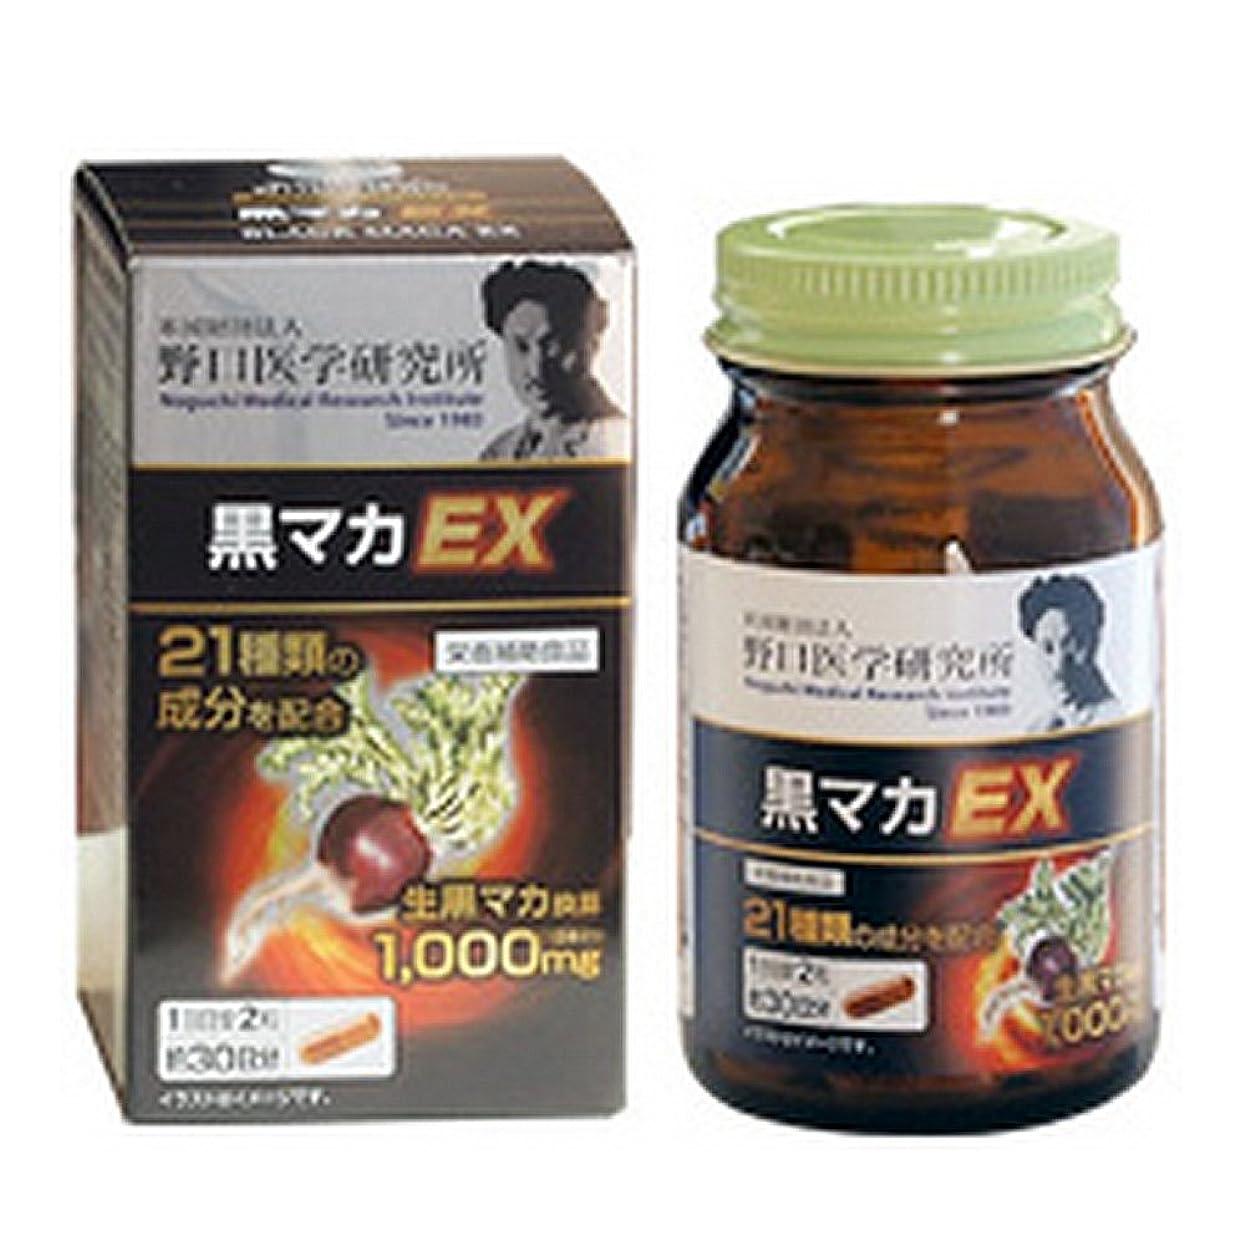 テクニカルキリスト手錠野口医学研究所 黒マカEX 60粒